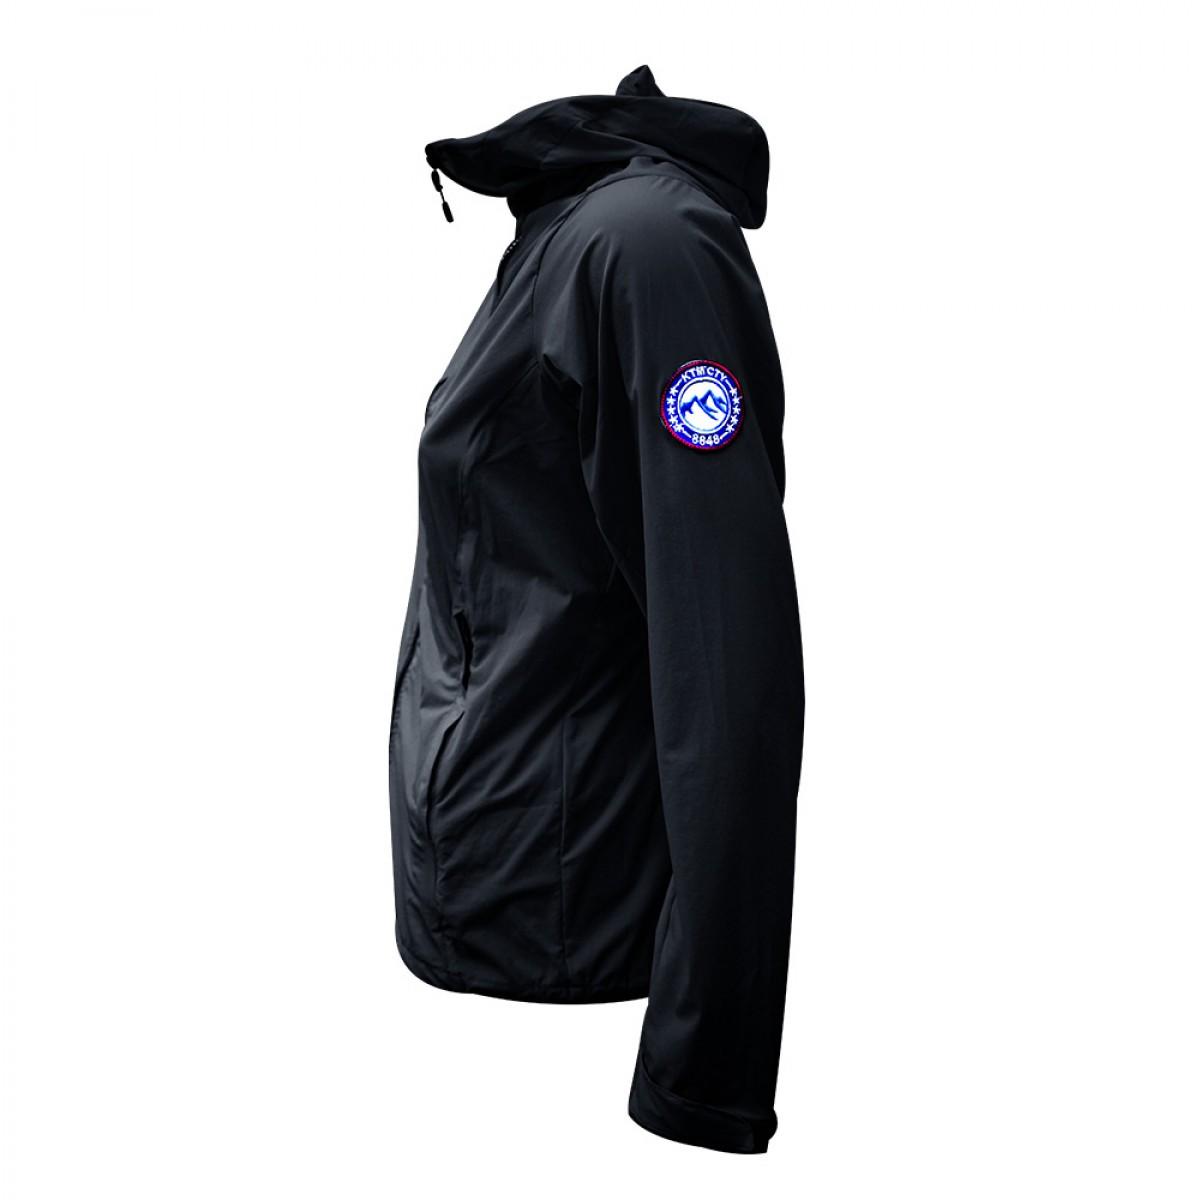 8848-women-windcheater-jacket-w4kw4j96741-8a